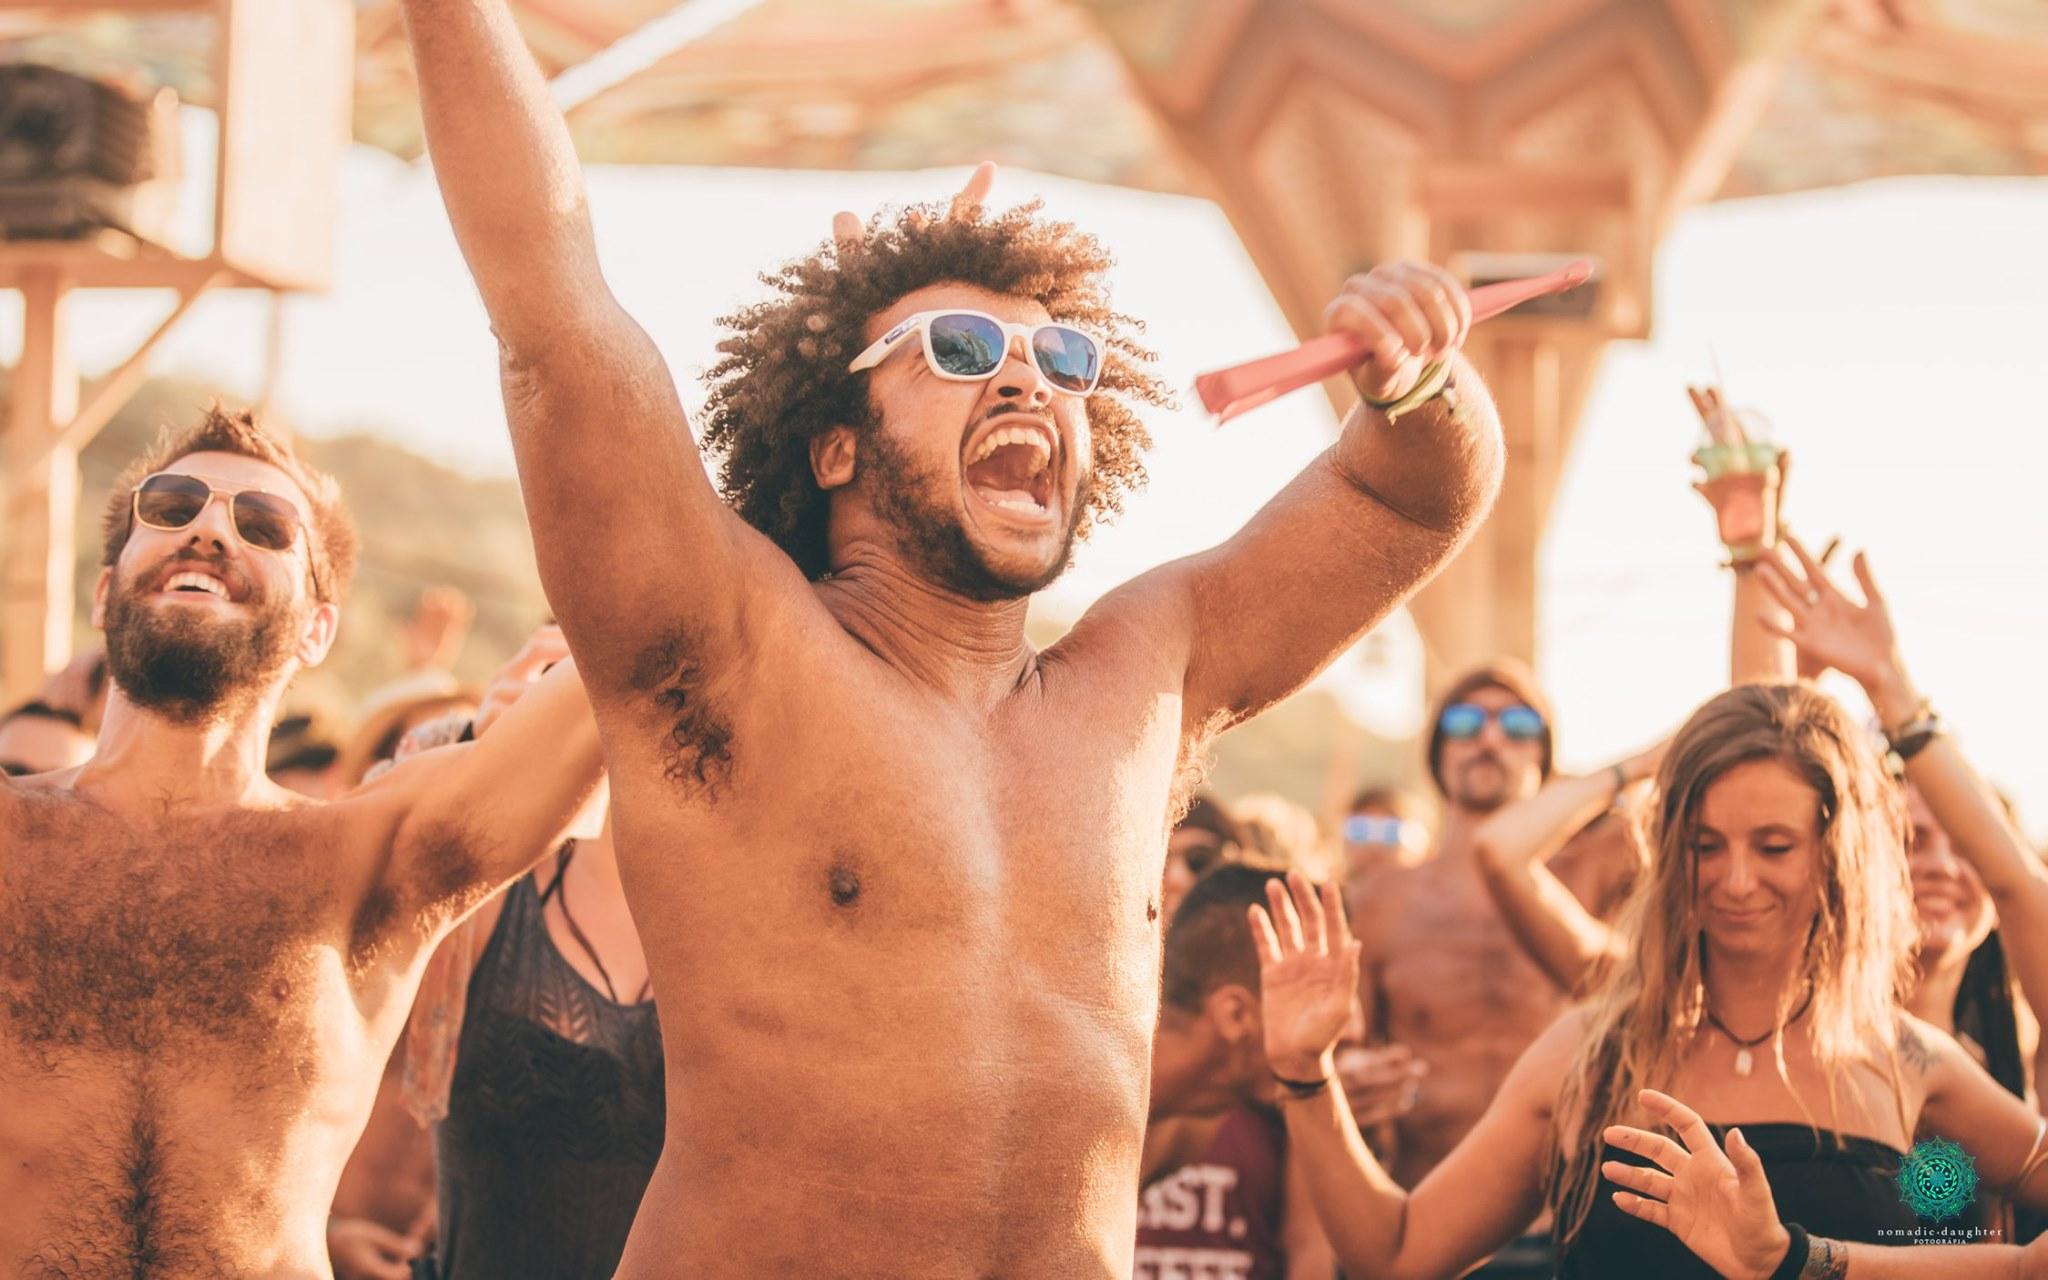 בן אדם רוקד בפסטיבל ביוון